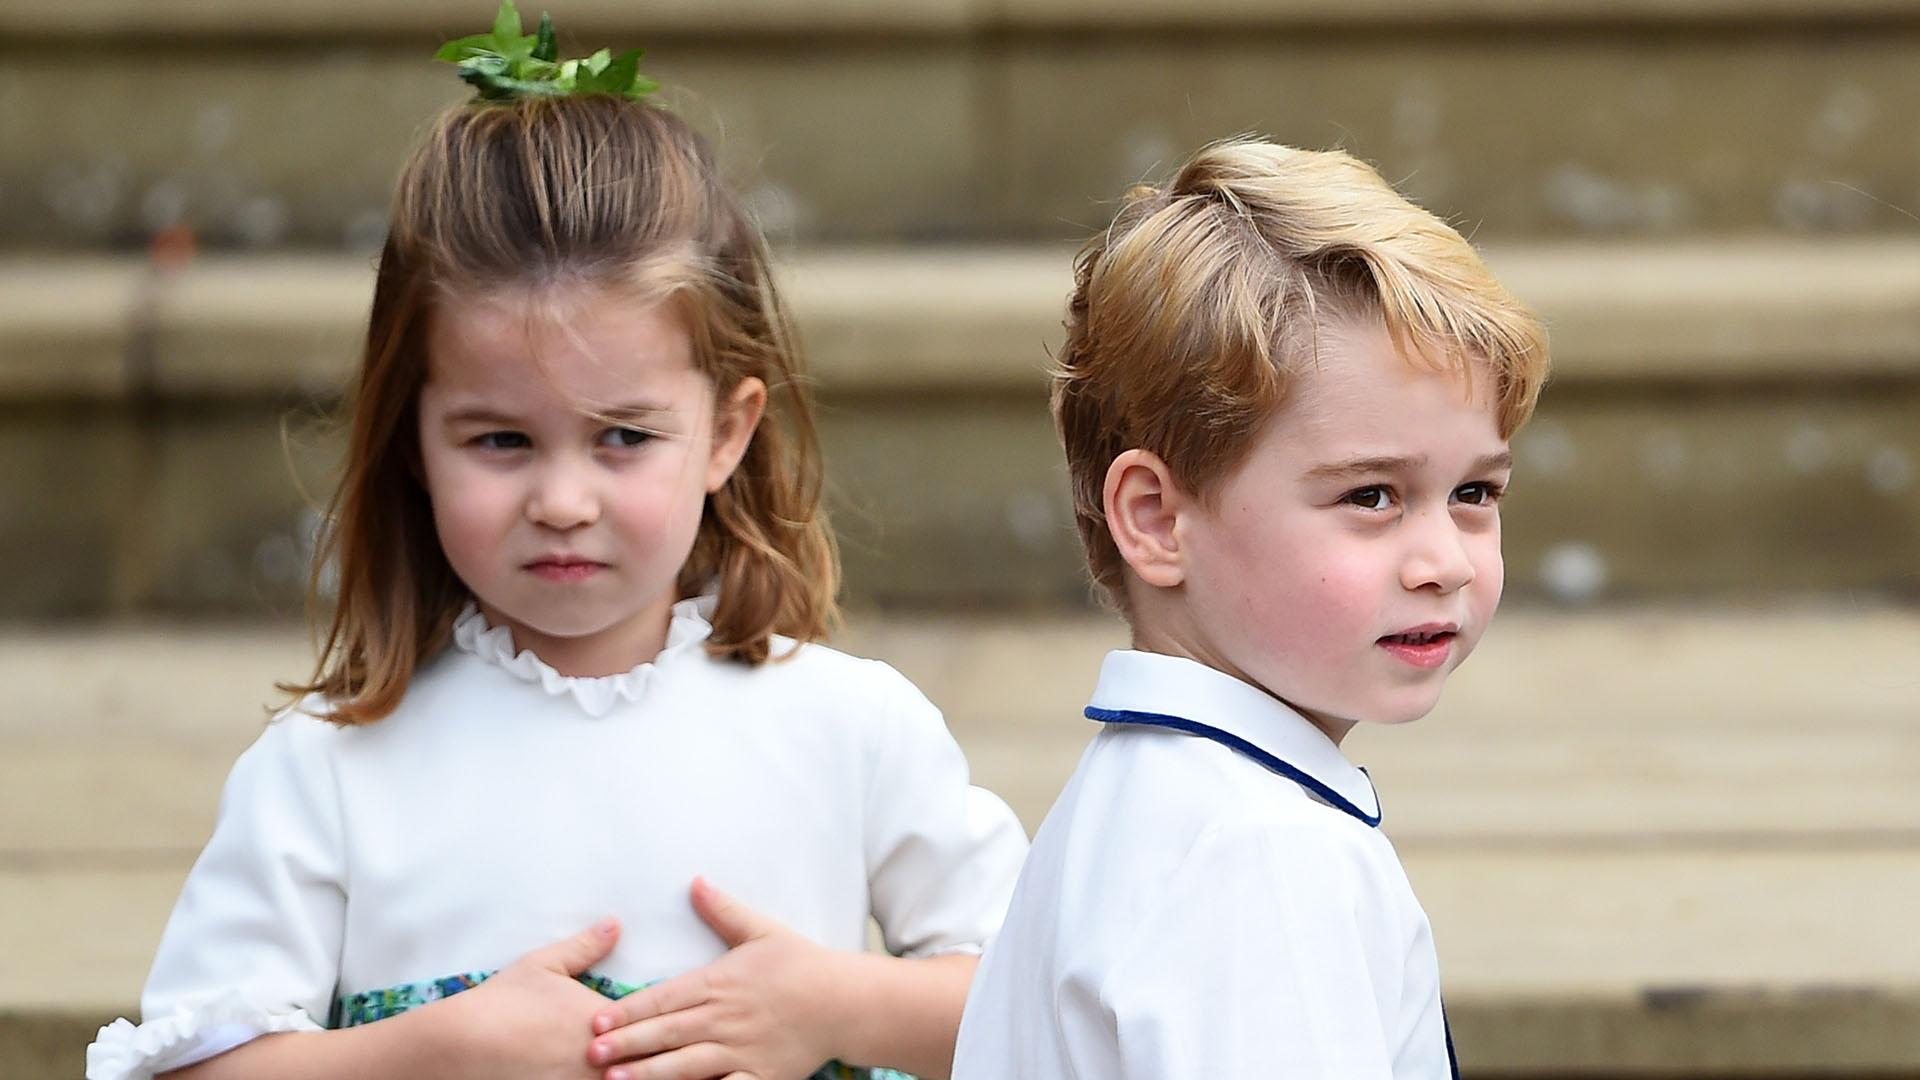 El mensaje de cumpleaños de Meghan Markle y Harry a la princesa Charlotte que generó enojo (The Grosby Group)